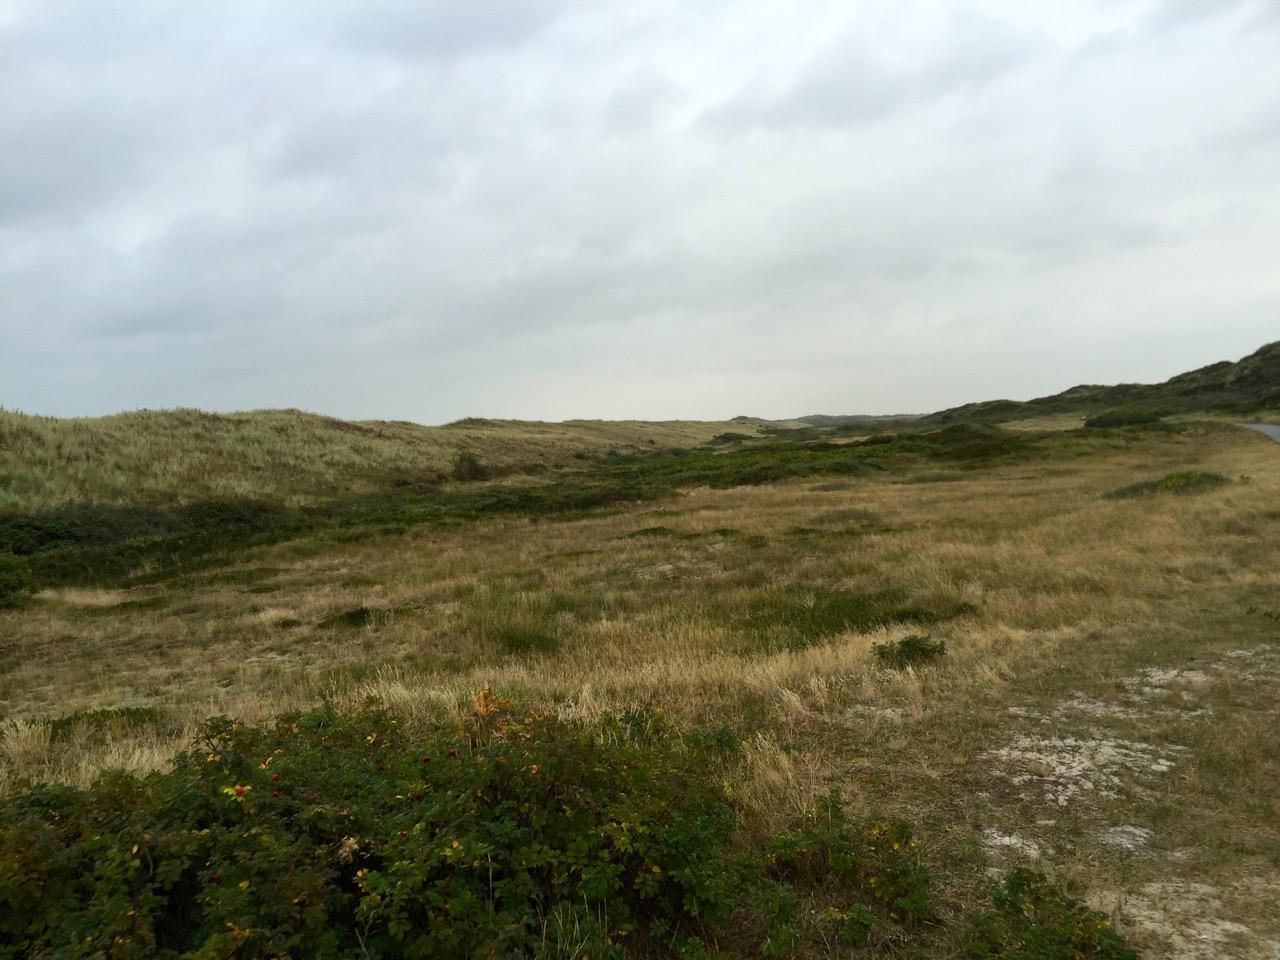 Aussichtspunkte und idyllische Rastplätze in den Dünen auf Langeoog